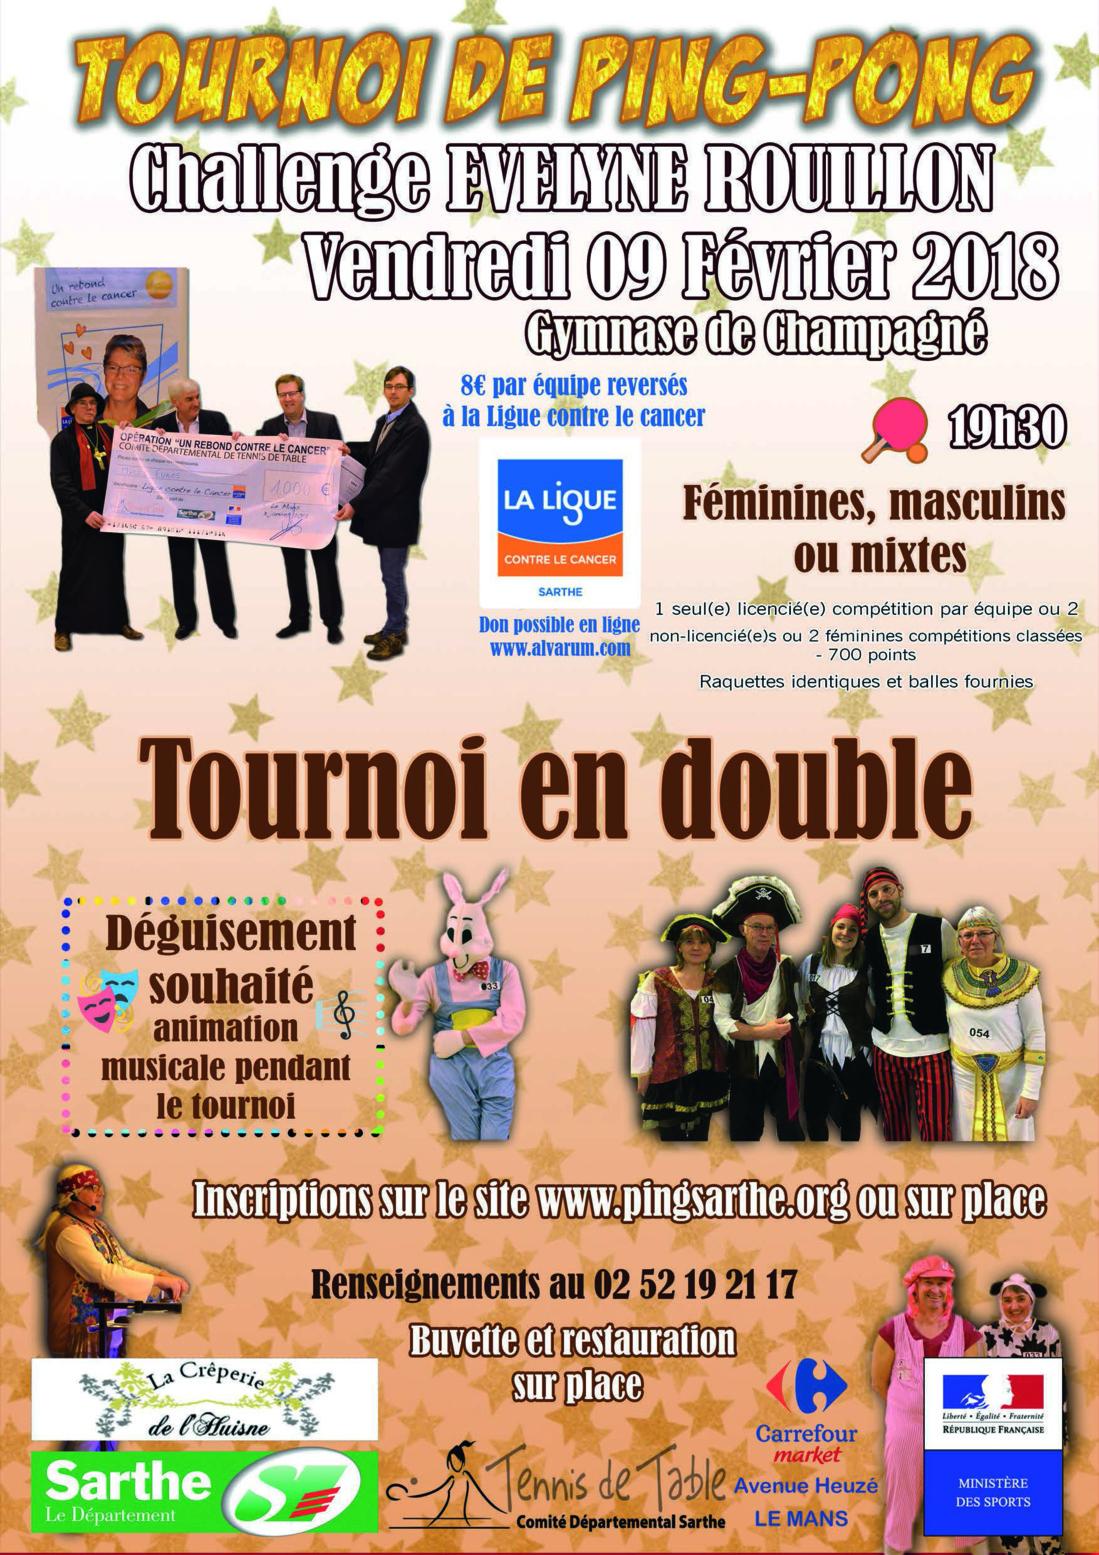 Classement du Challenge Evelyne Rouillon